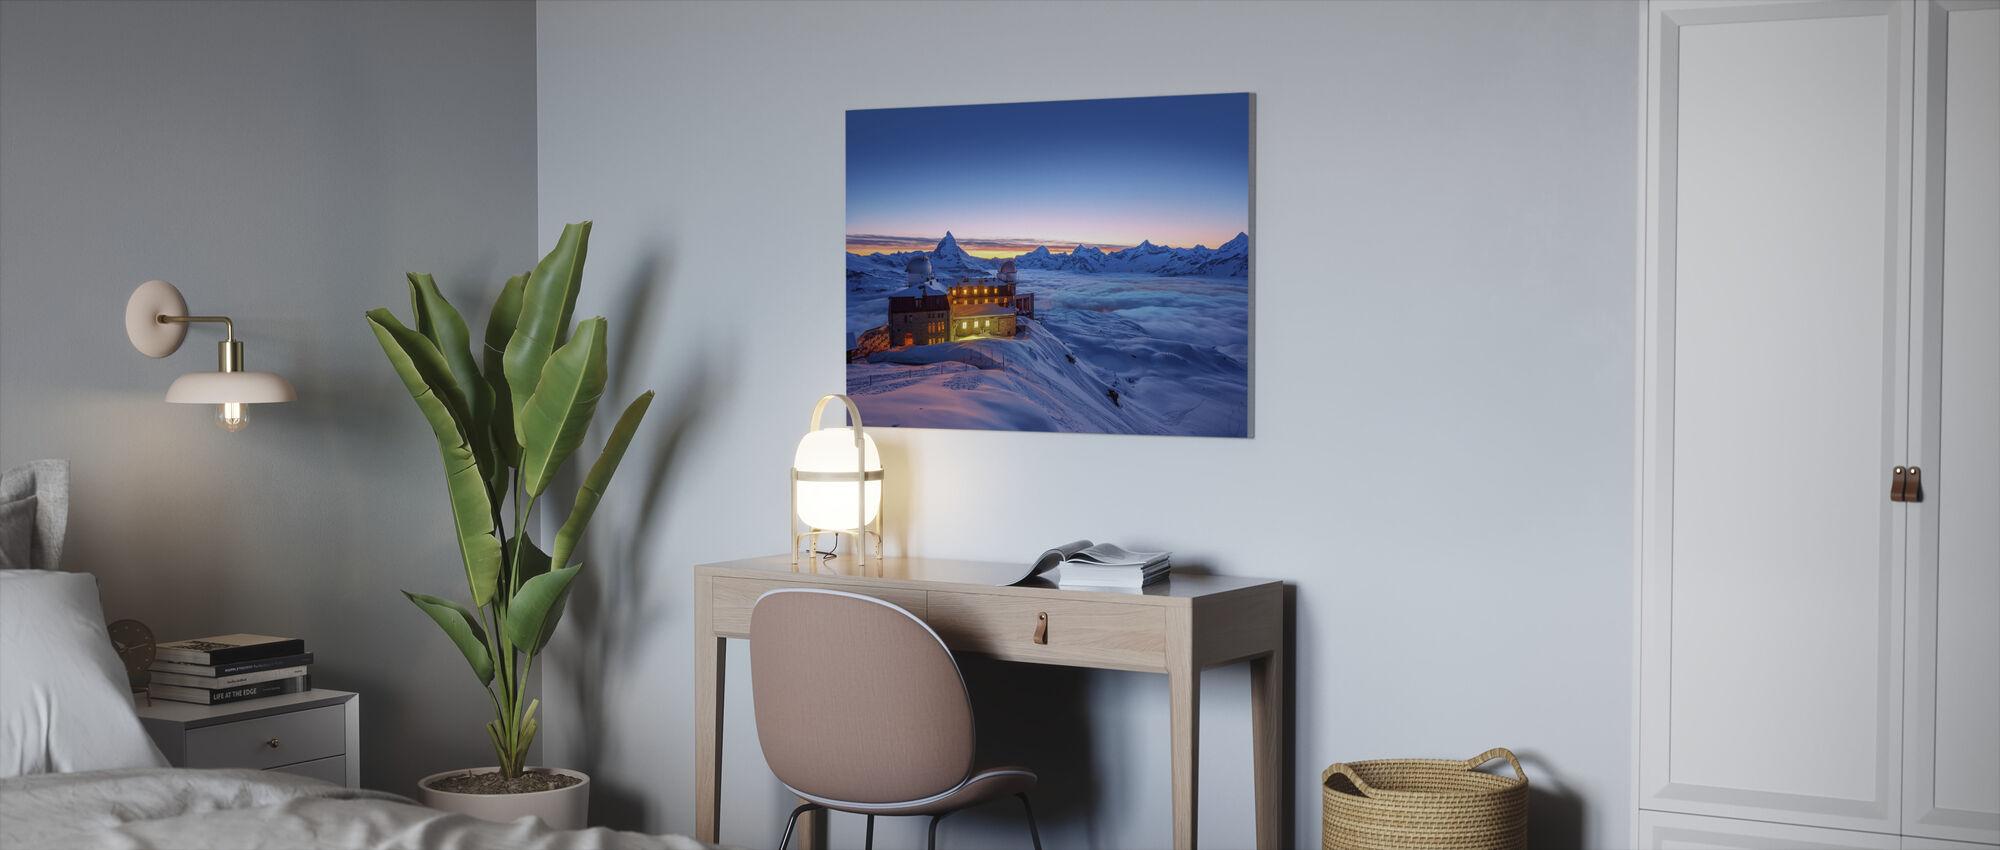 Twilight Stay at Matterhorn Peak - Canvas print - Office